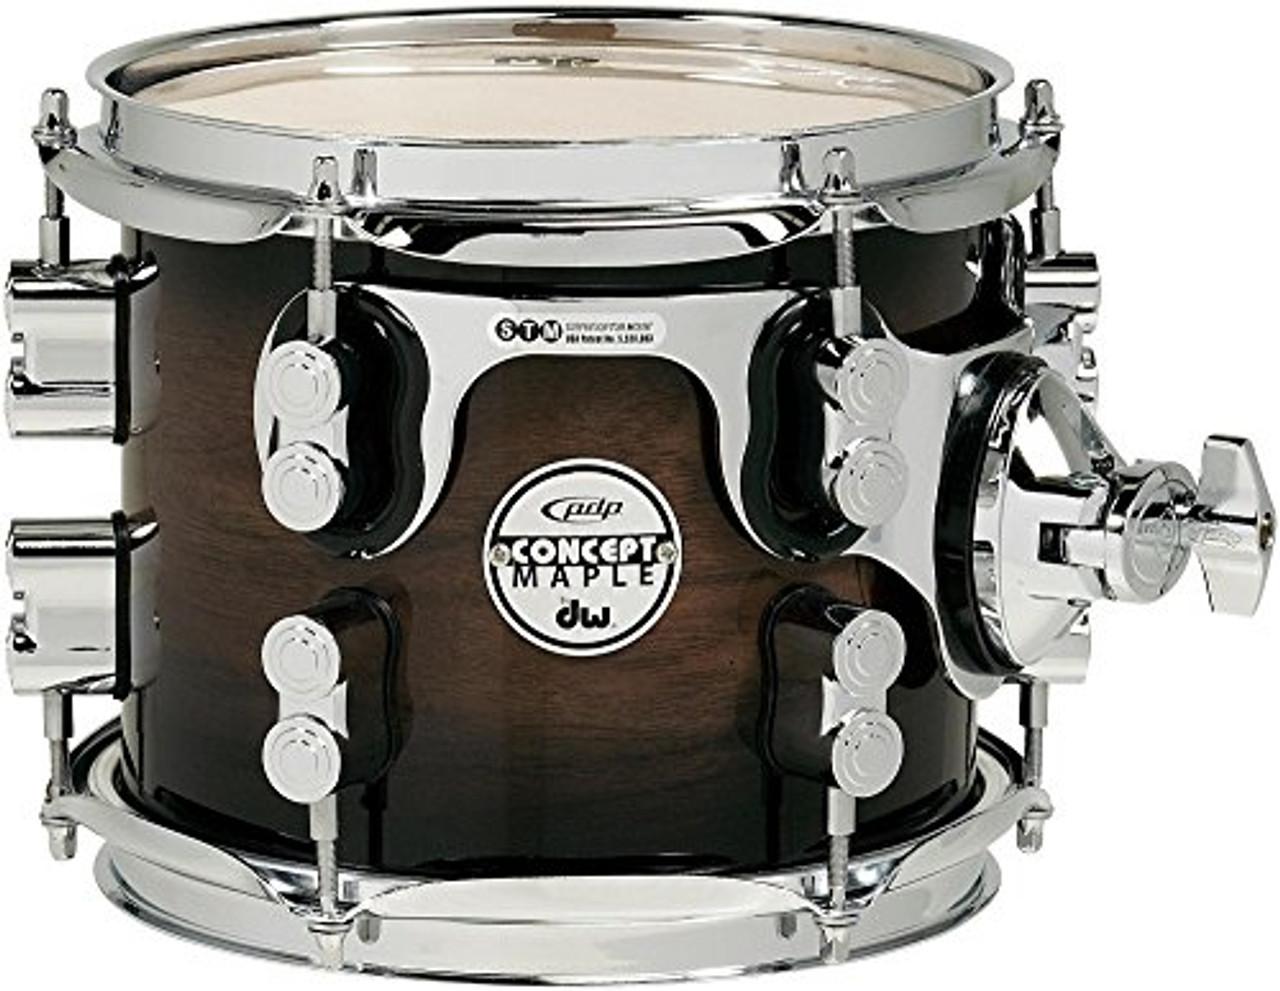 Drum Workshop Concept Exotic, Wal-Char Brst, Cr Hw 7x8